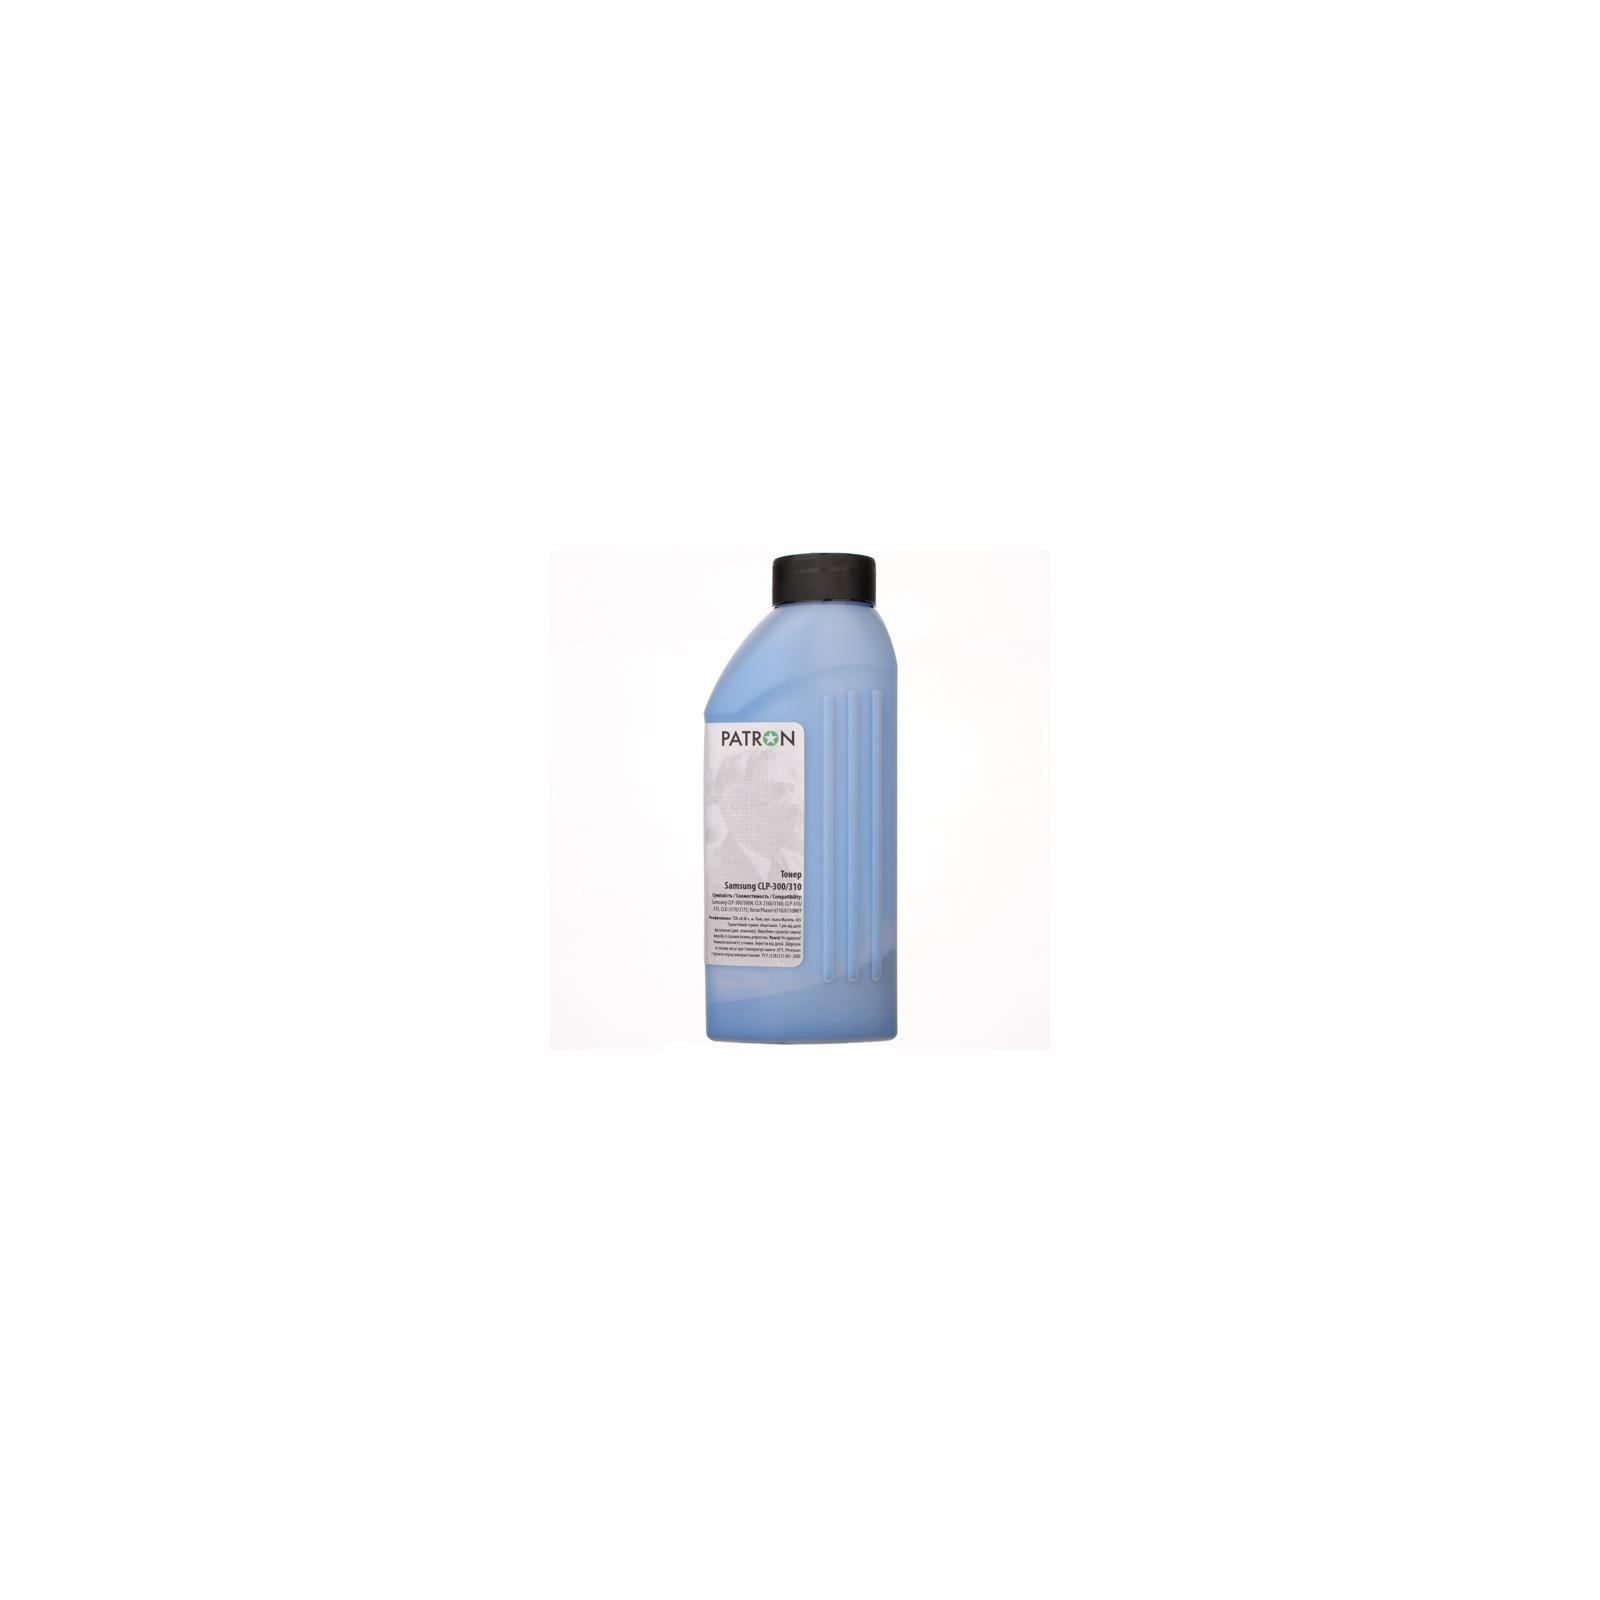 Тонер PATRON SAMSUNG CLP-300/310 CYAN 40г (T-PN-SCLP300-C-040) изображение 2